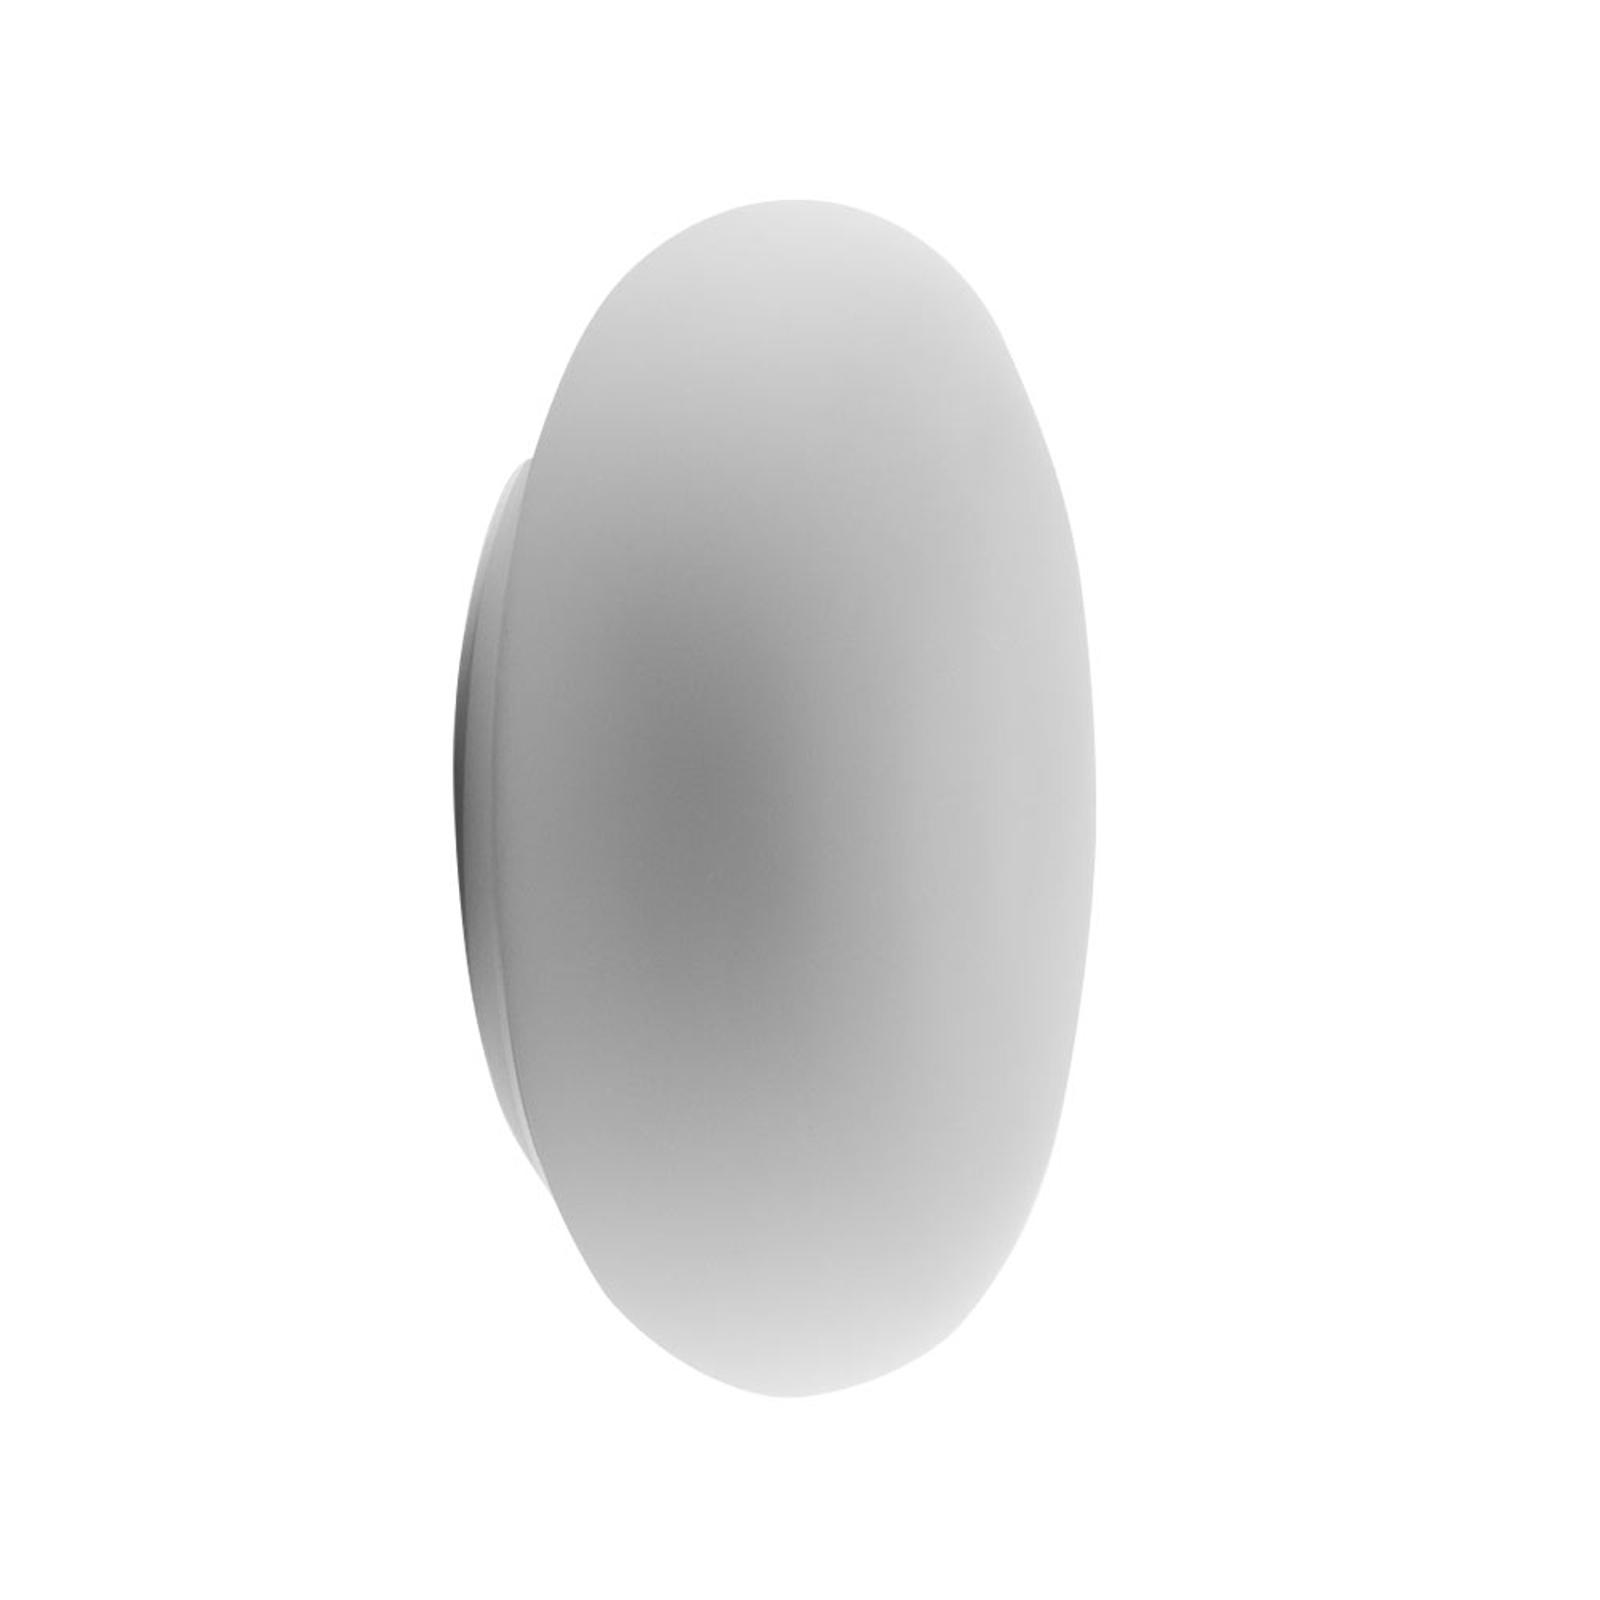 Artemide Itka glas-væglampe IP65, Ø 20 cm